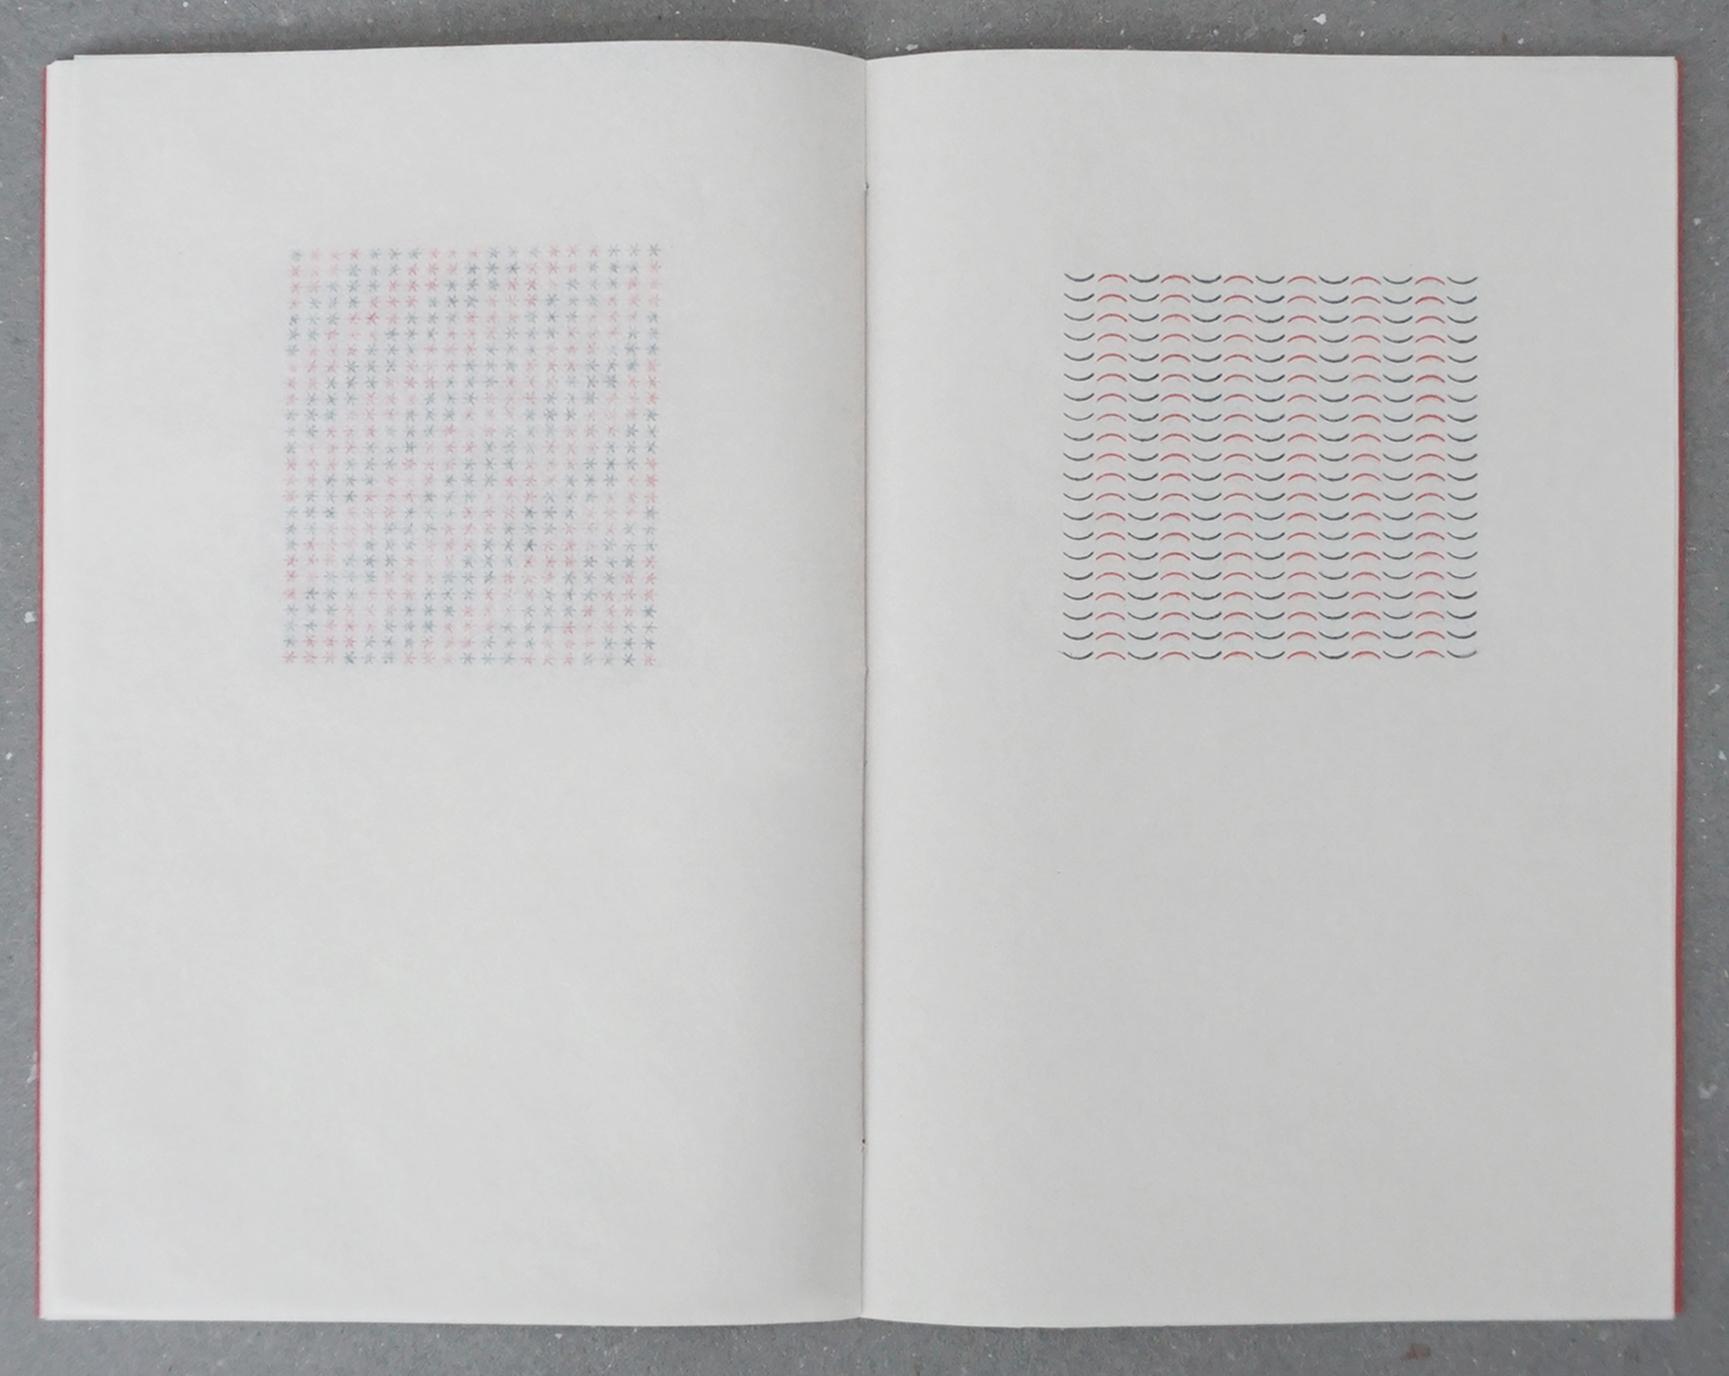 Typewriter_8.jpg